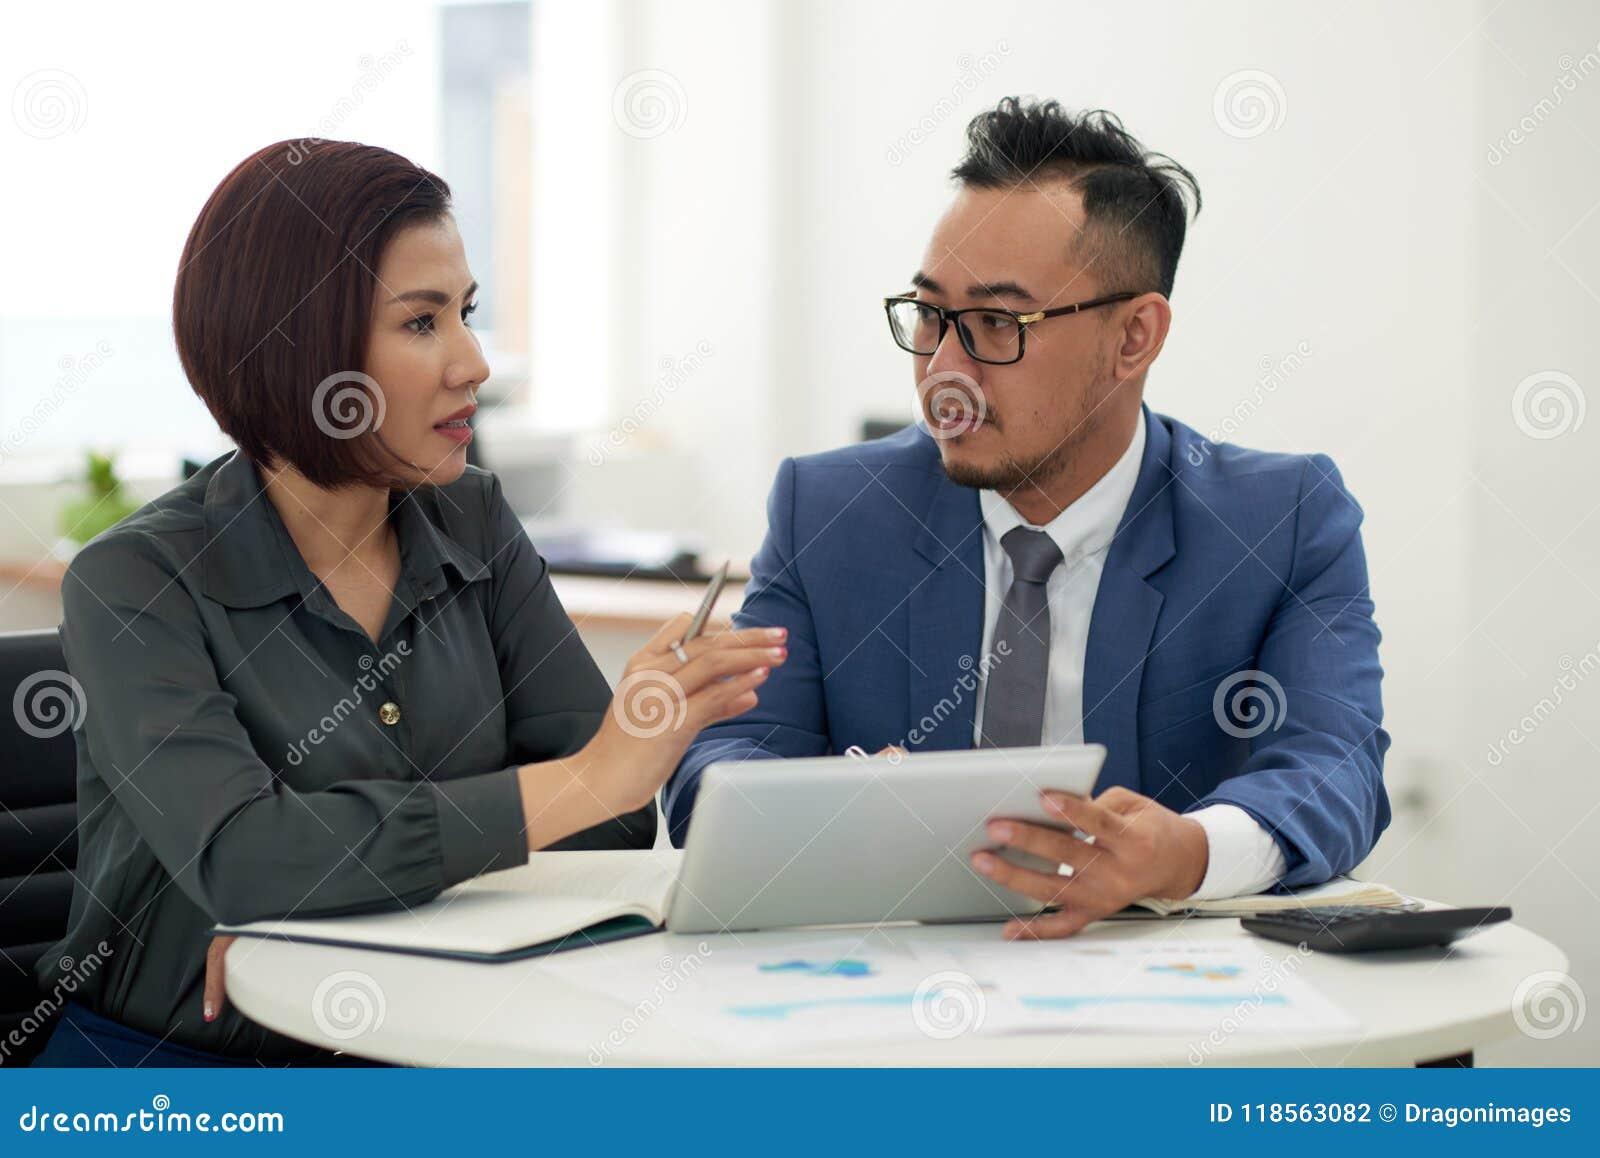 商务伙伴讨论合作细节